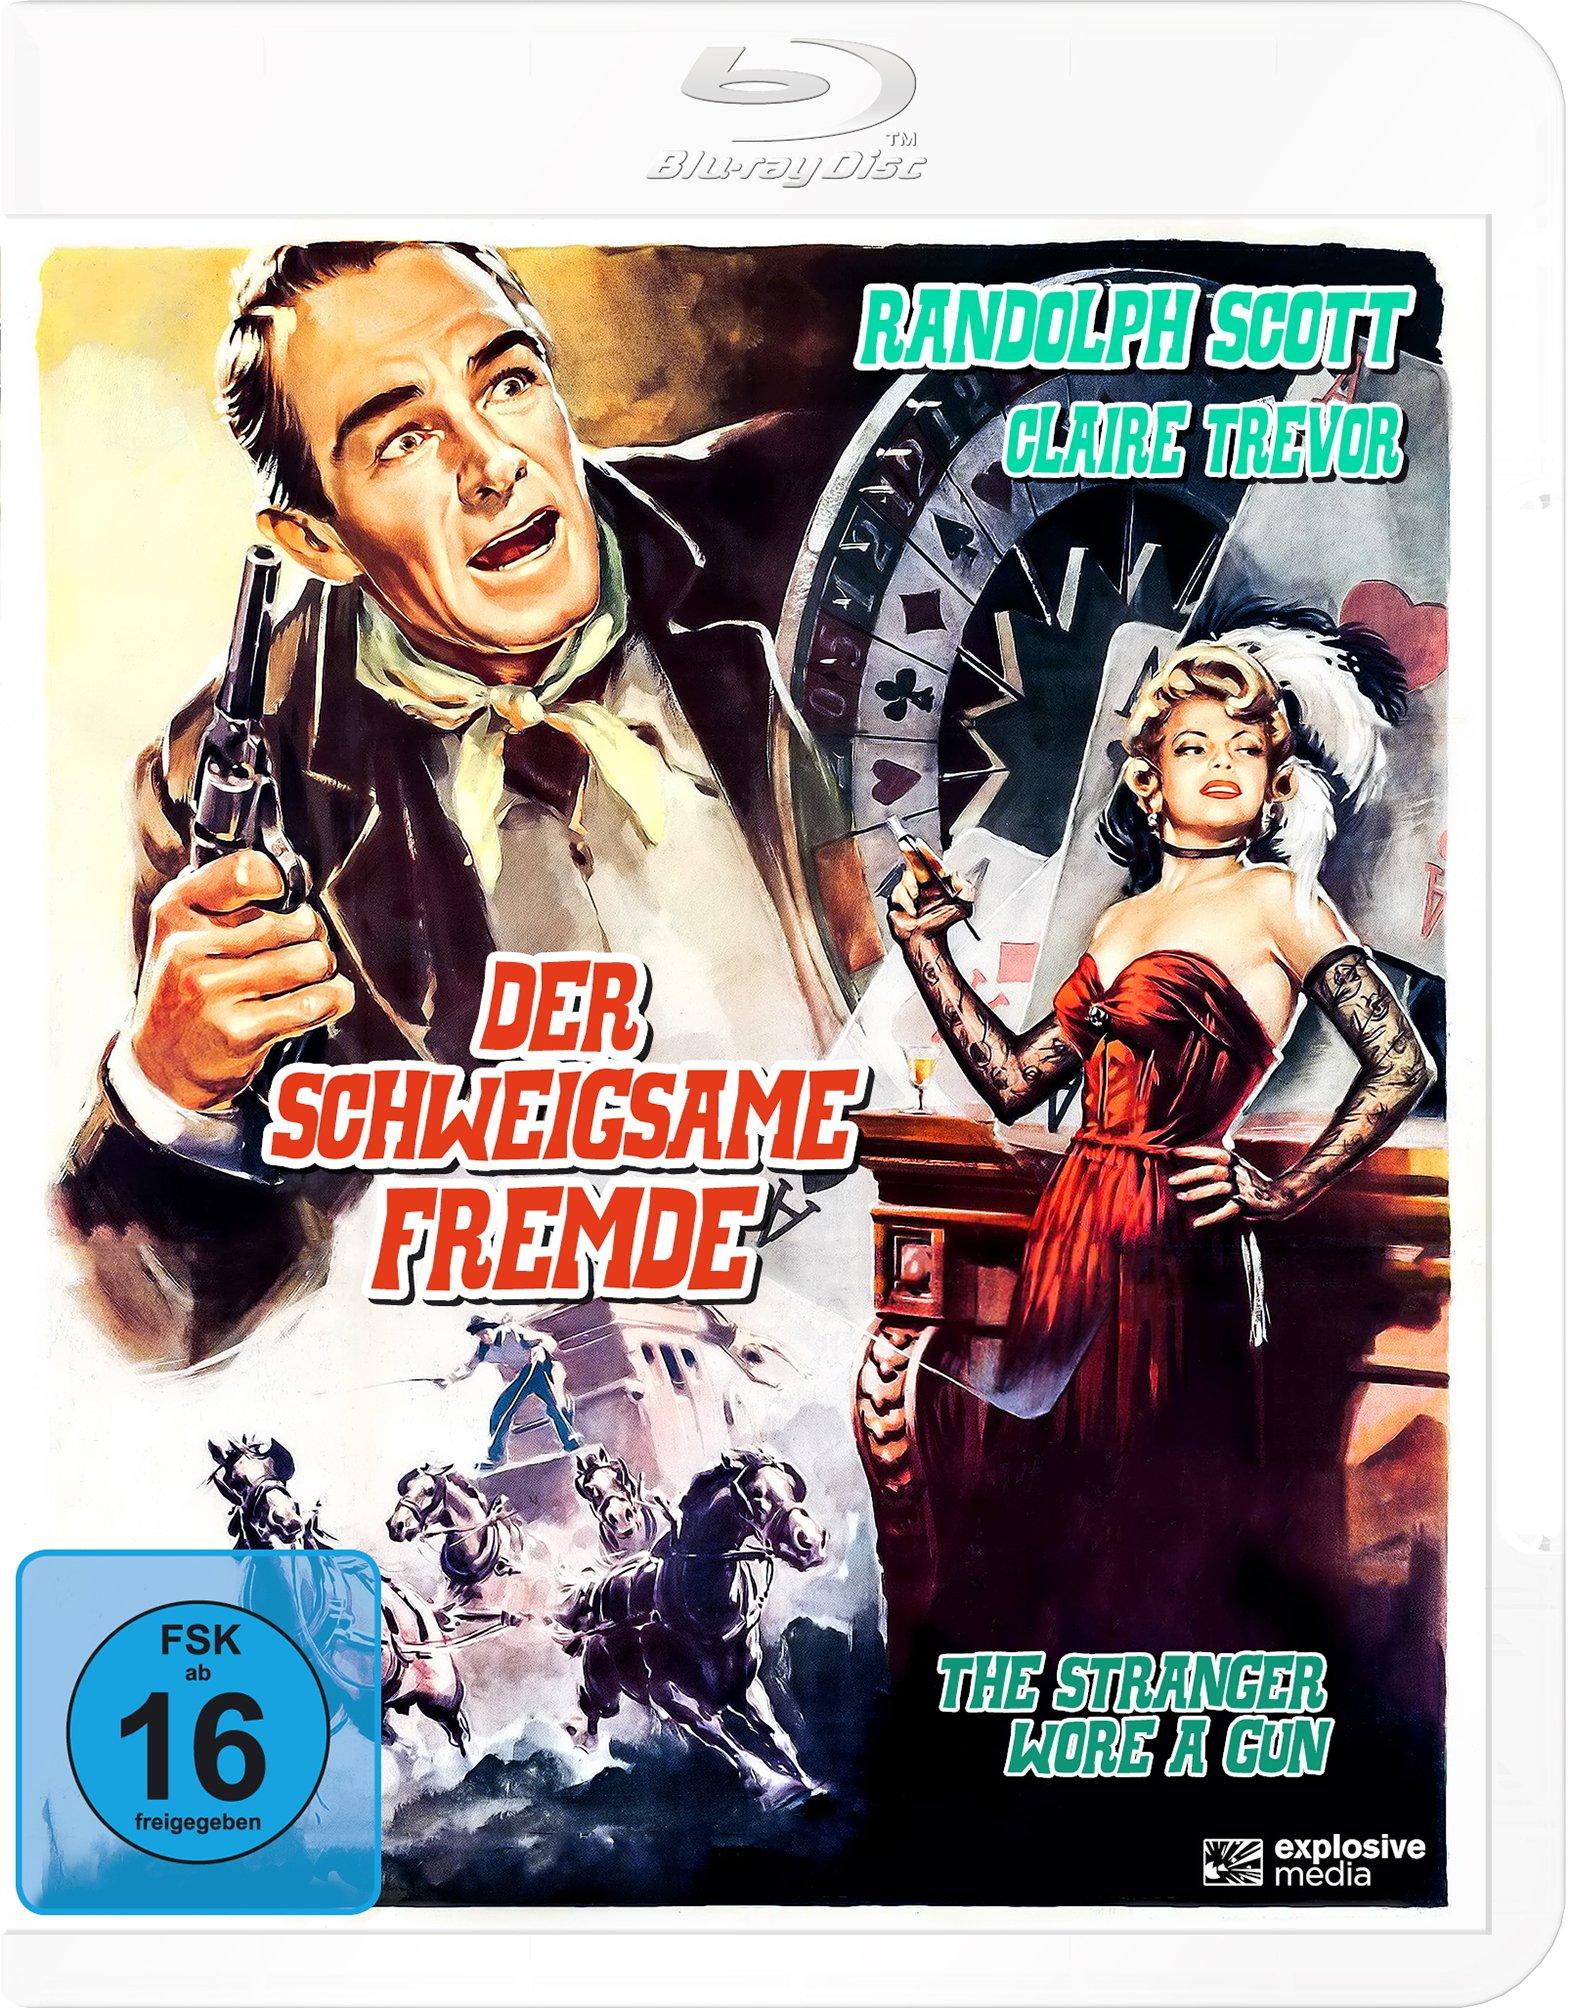 Der.schweigsame.Fremde.German.REMASTERED.1953.AC3.BDRip.x264-SPiCY